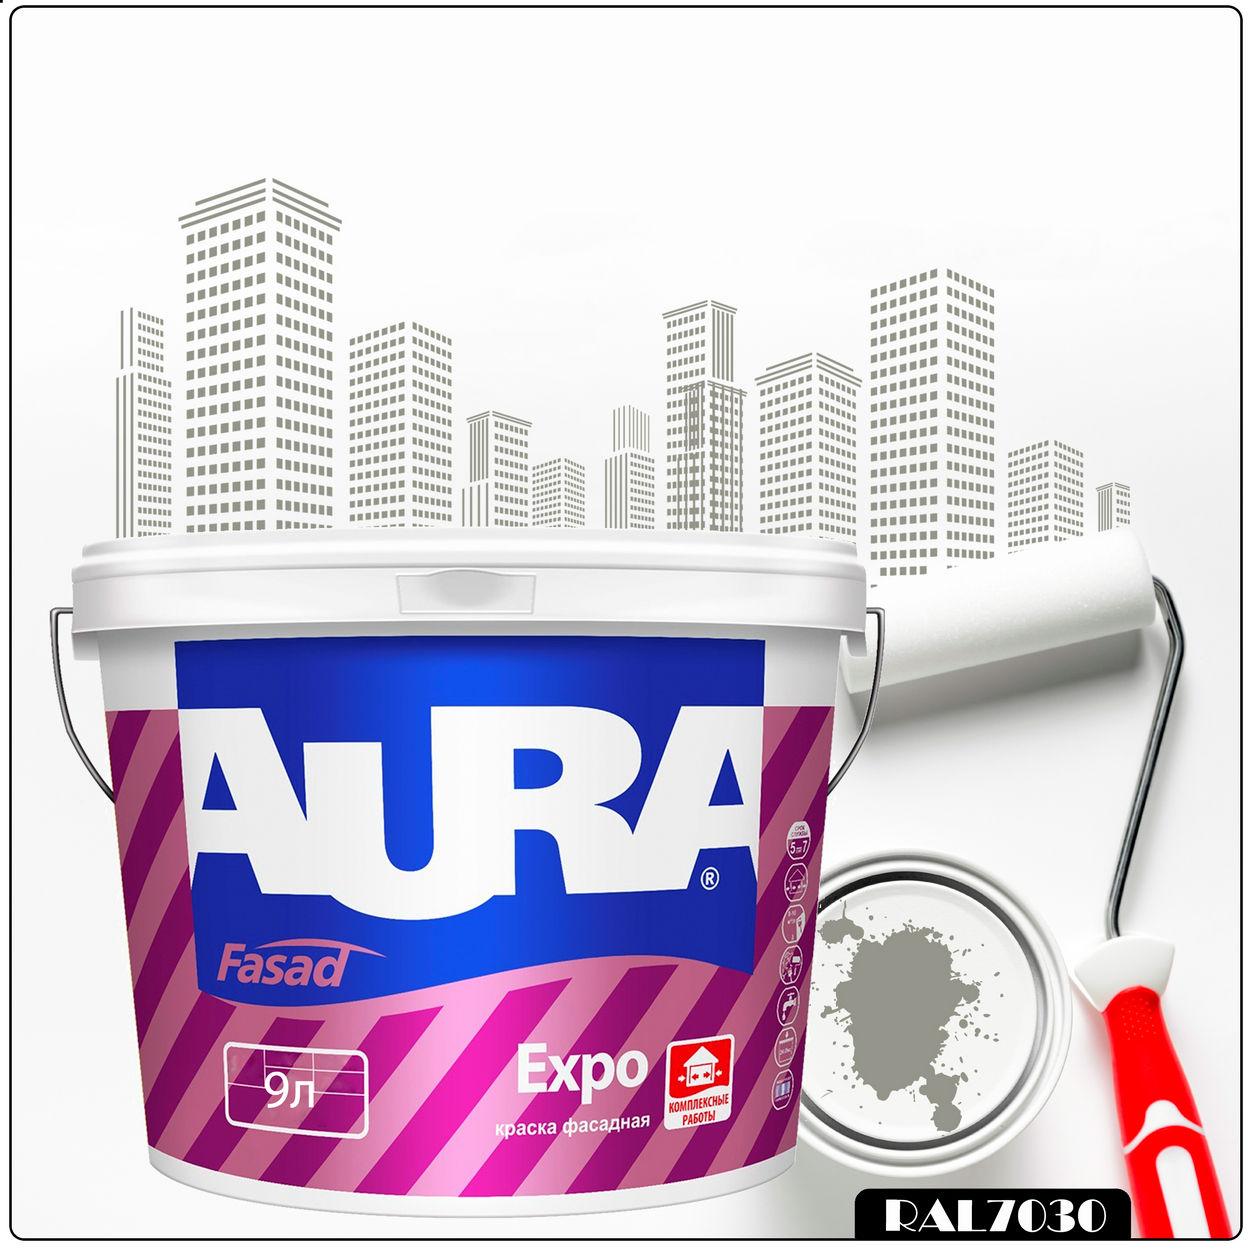 Фото 21 - Краска Aura Fasad Expo, RAL 7030 Серый-камень, матовая, для фасадов и помещений с повышенной влажностью, 9л.